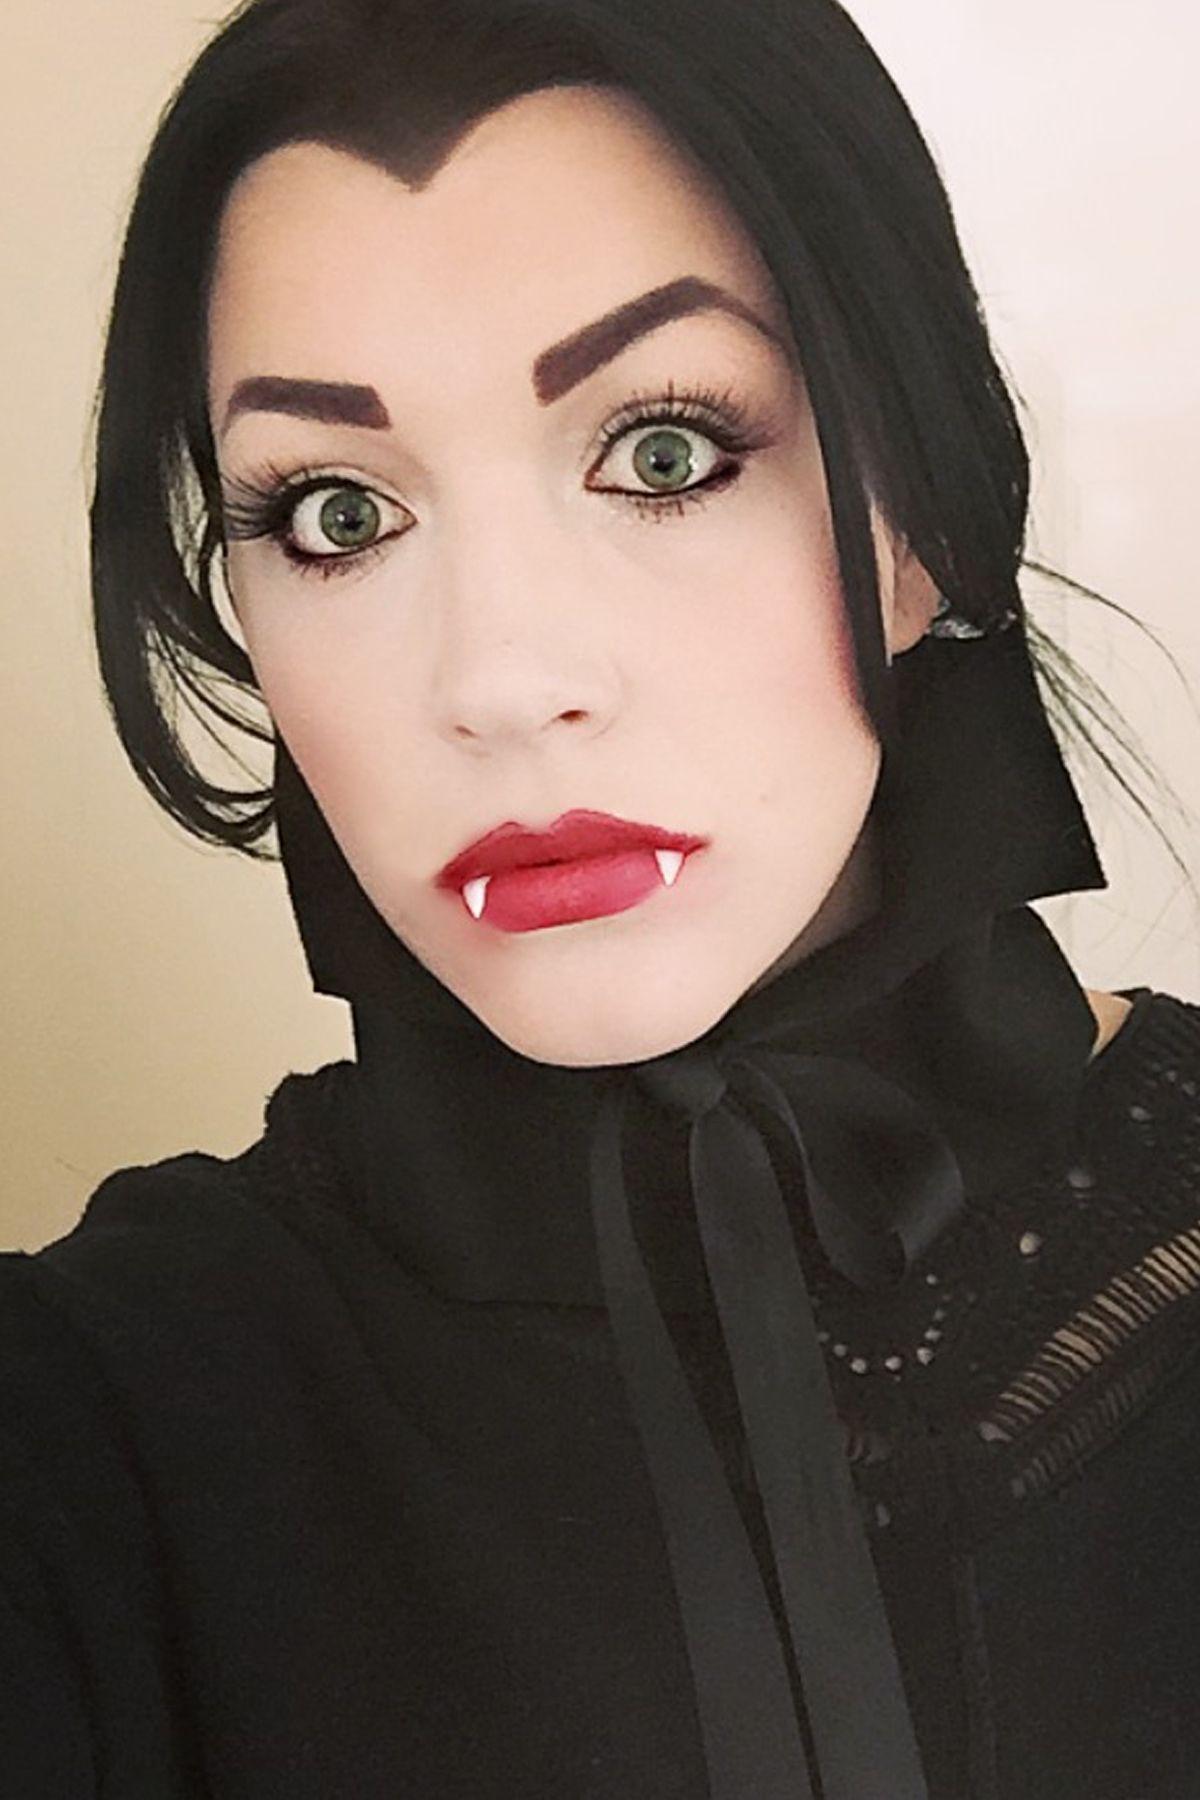 Diy Vampire Costume Womens : vampire, costume, womens, Vampire, Costume, Dracula